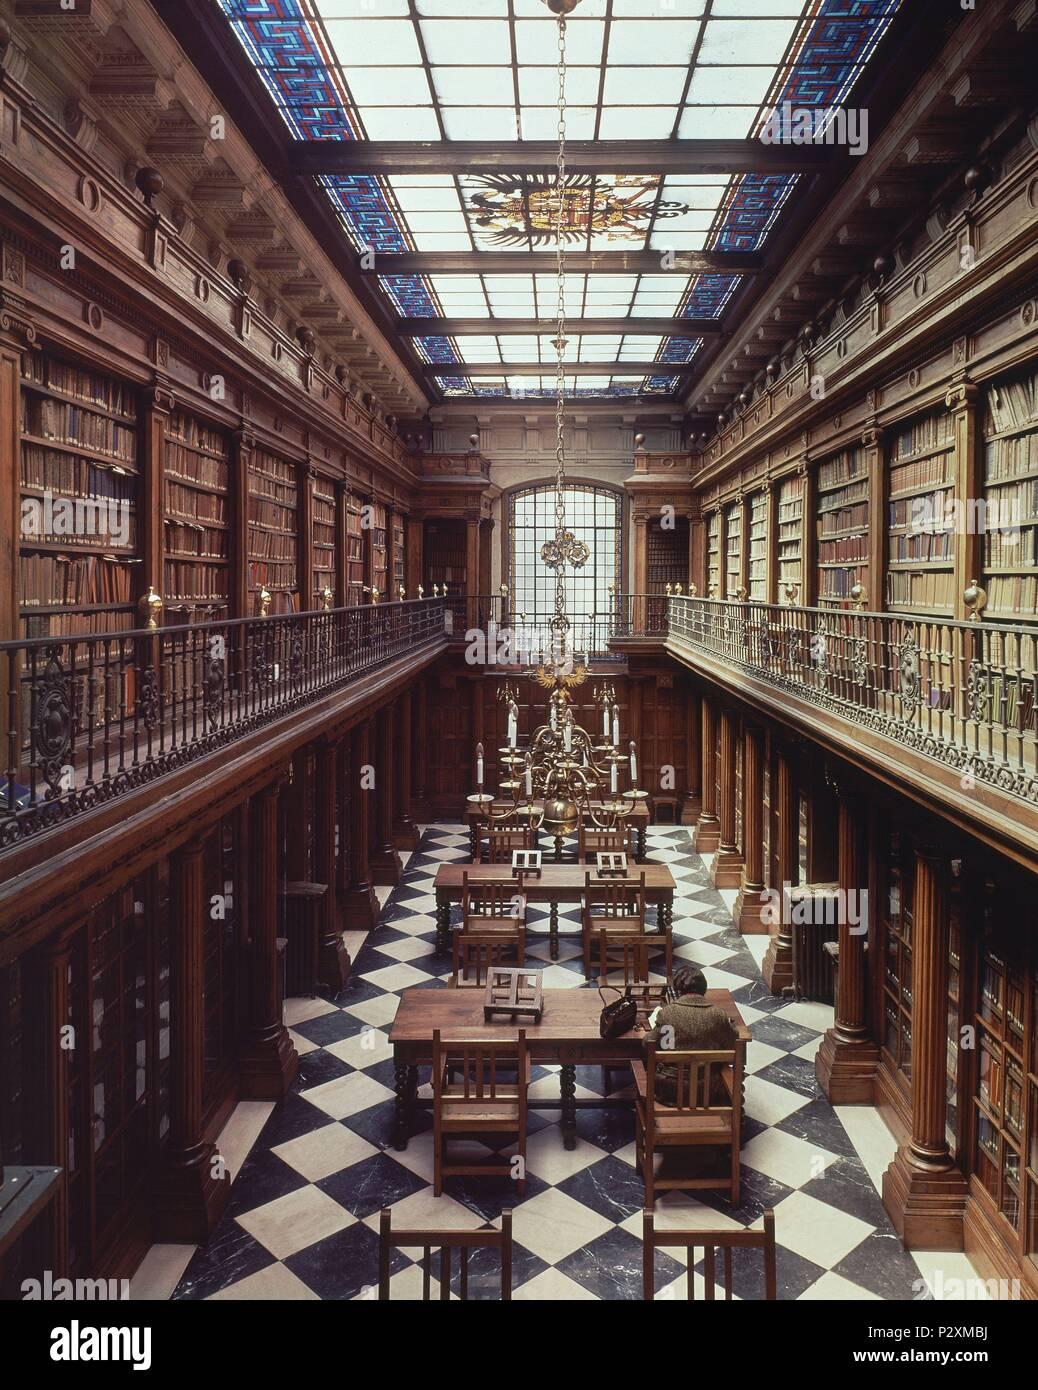 Innenraum - VISTA ALLGEMEINE DESDE ARRIBA. Lage: Biblioteca Menéndez Pelayo, Santander, Kantabrien, Spanien. Stockbild